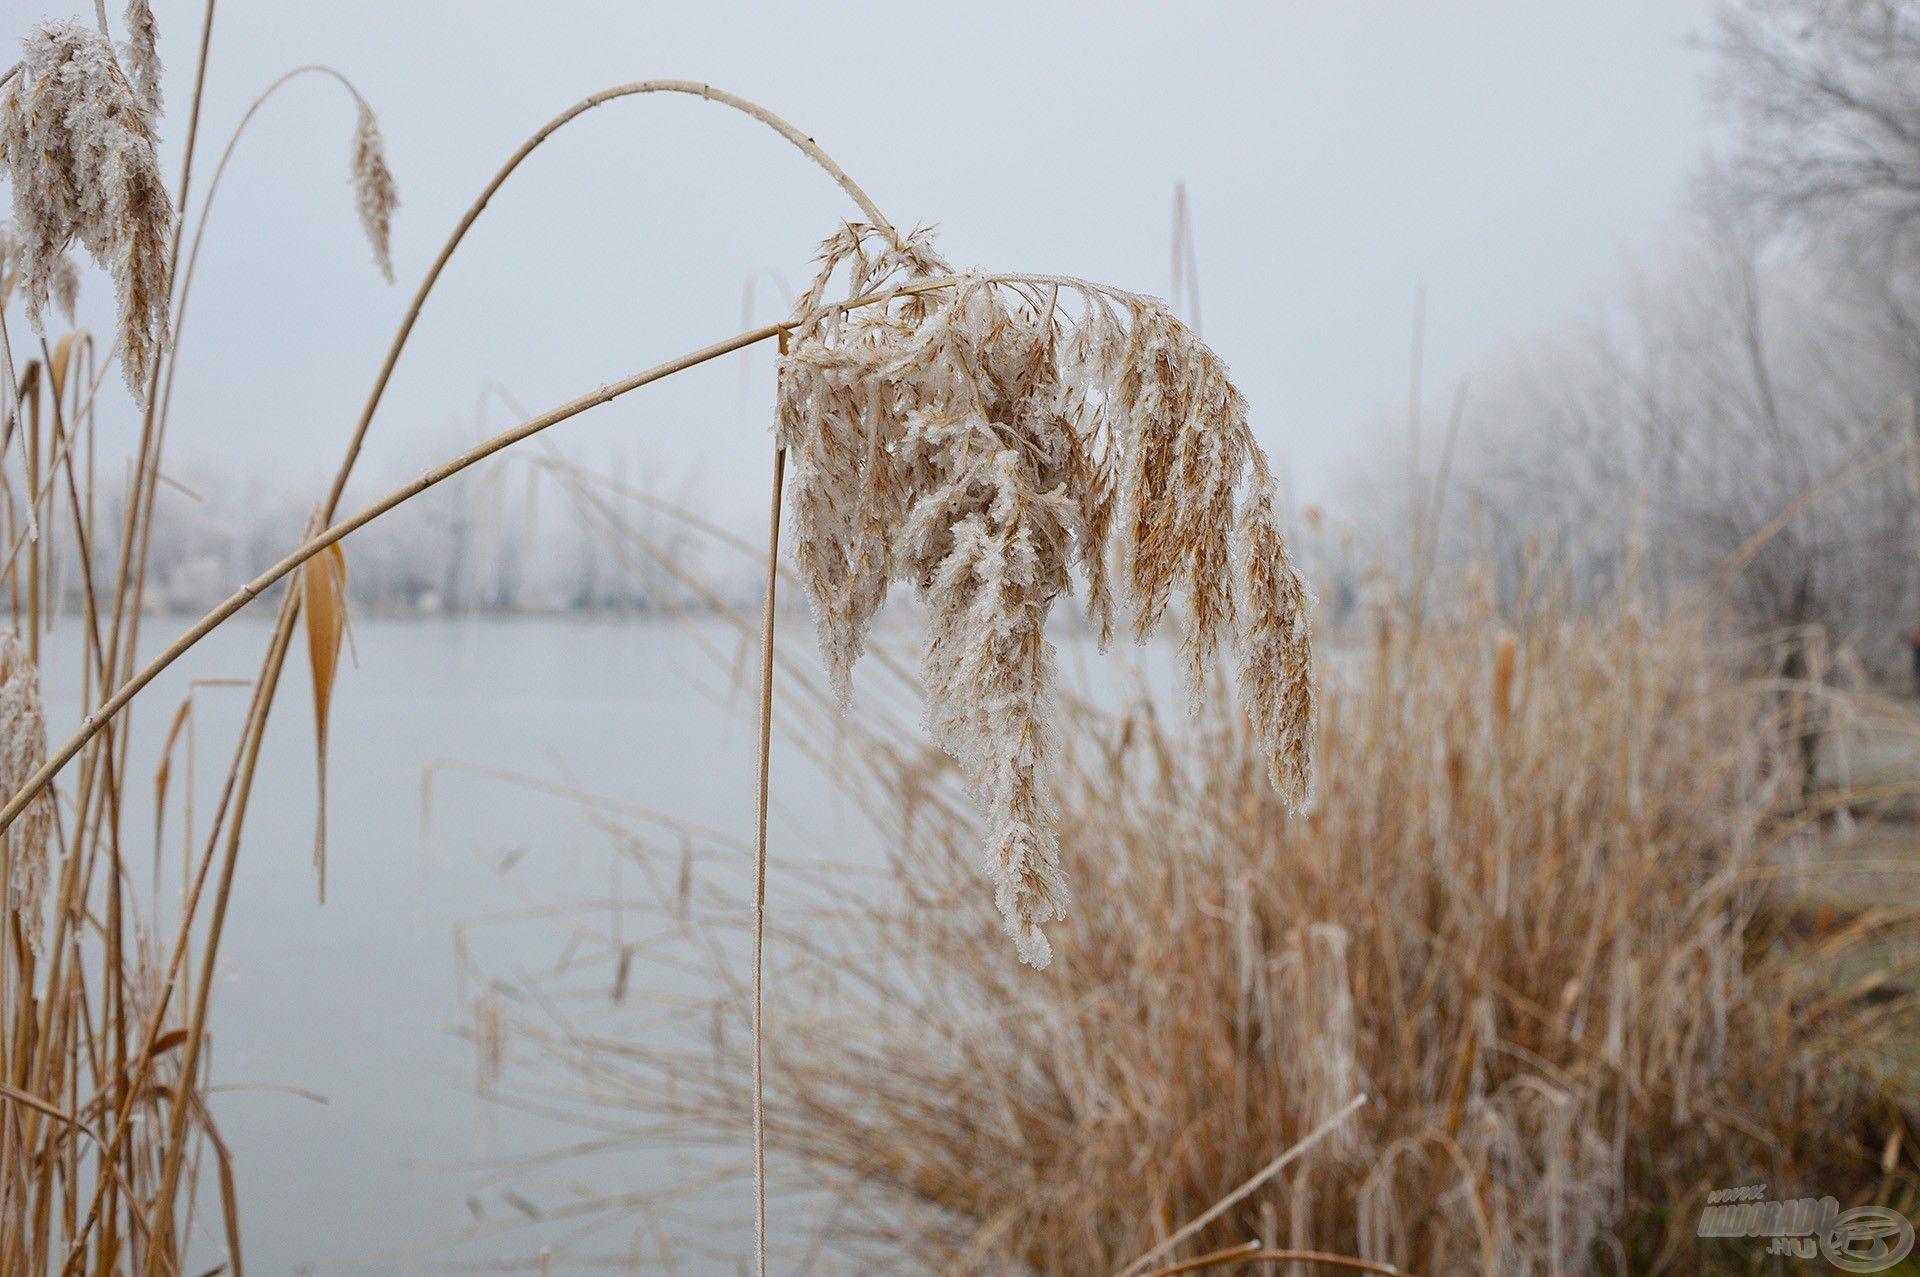 A tél tökéletes arra, hogy elméleti tudásunkat bővítsük